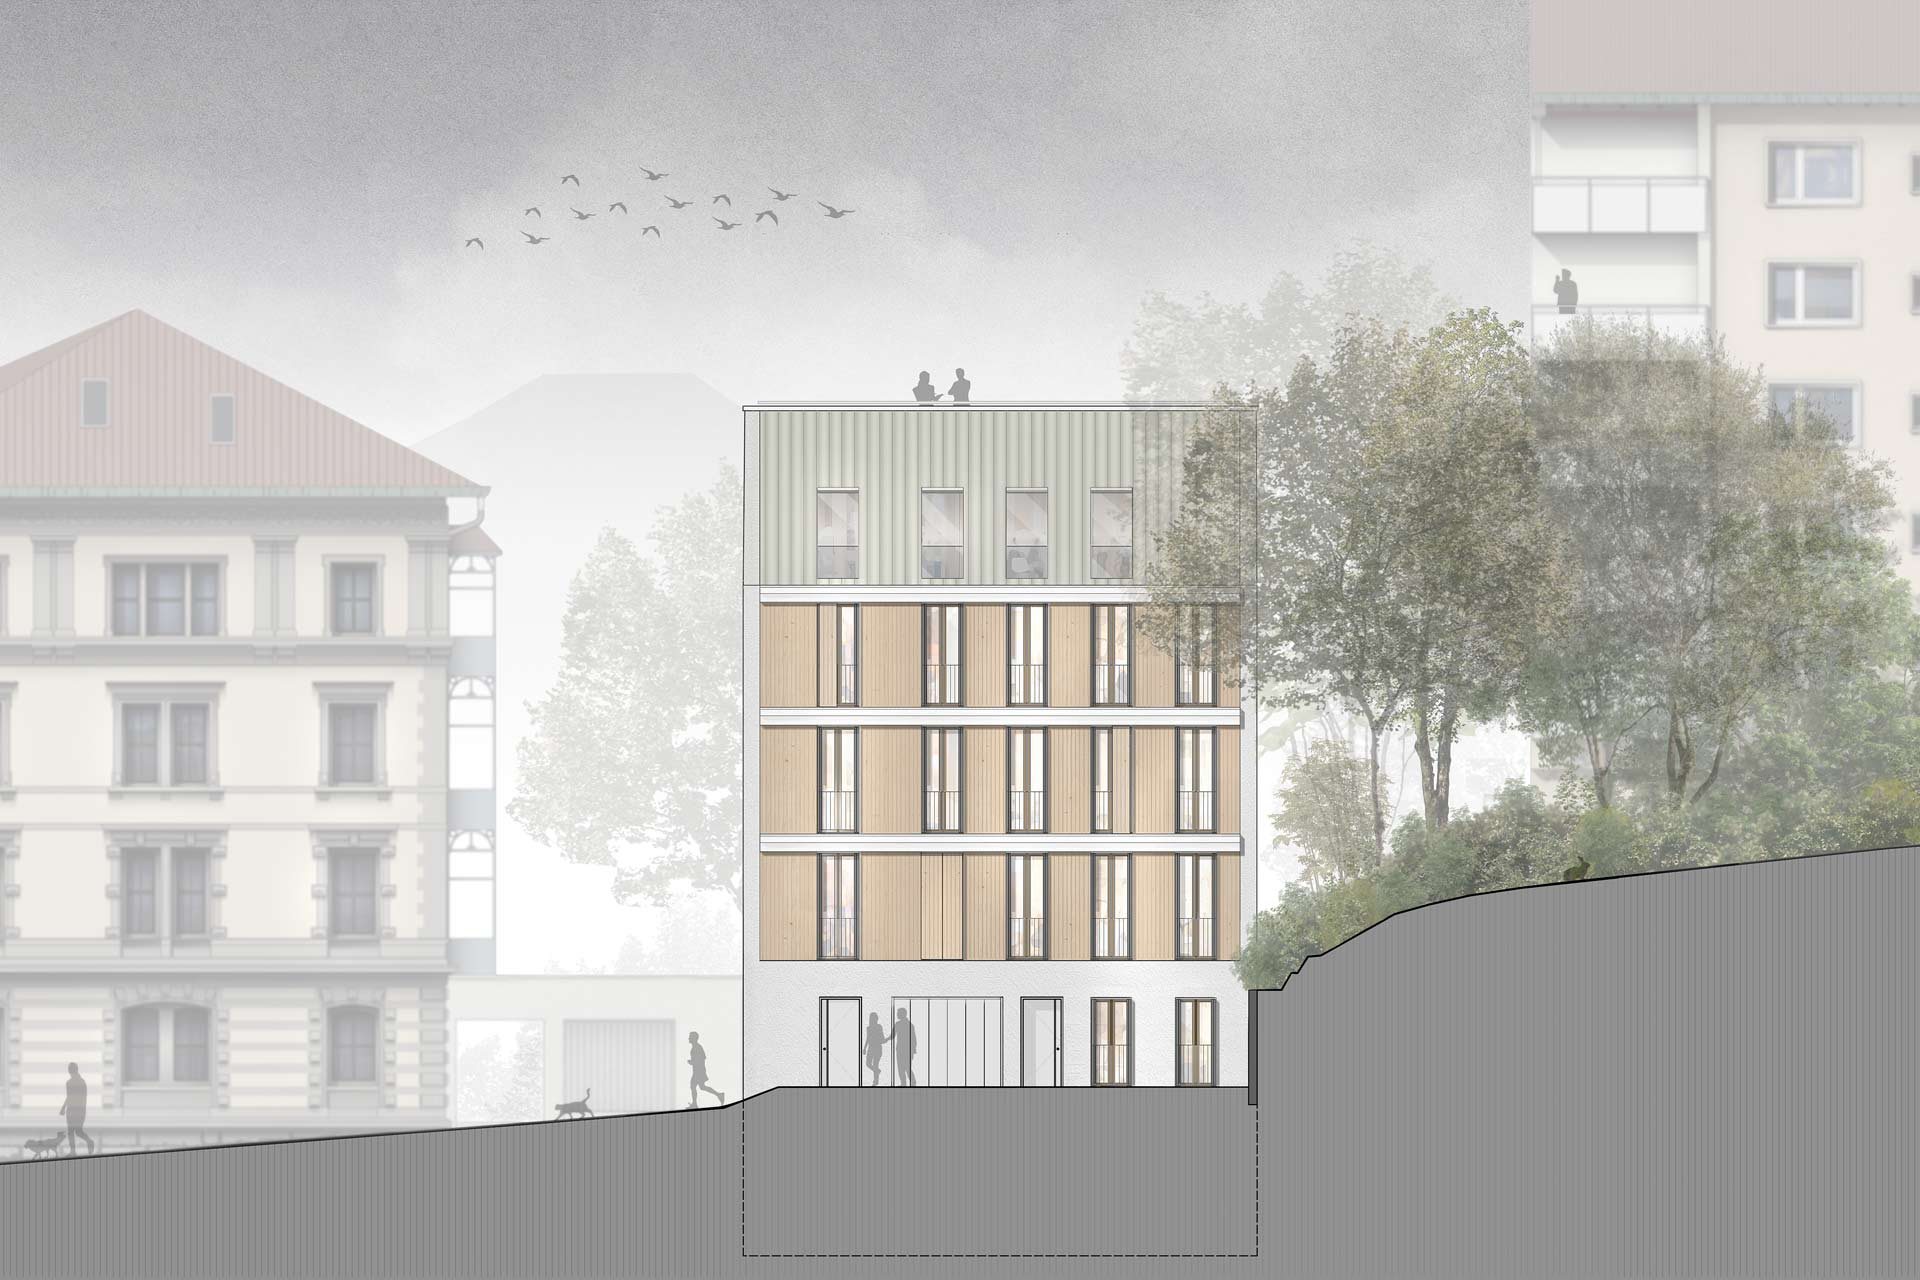 Holzhybridbau in der Schuetzenstrasse, Stuttgart - Ansicht - Aldinger Architekten